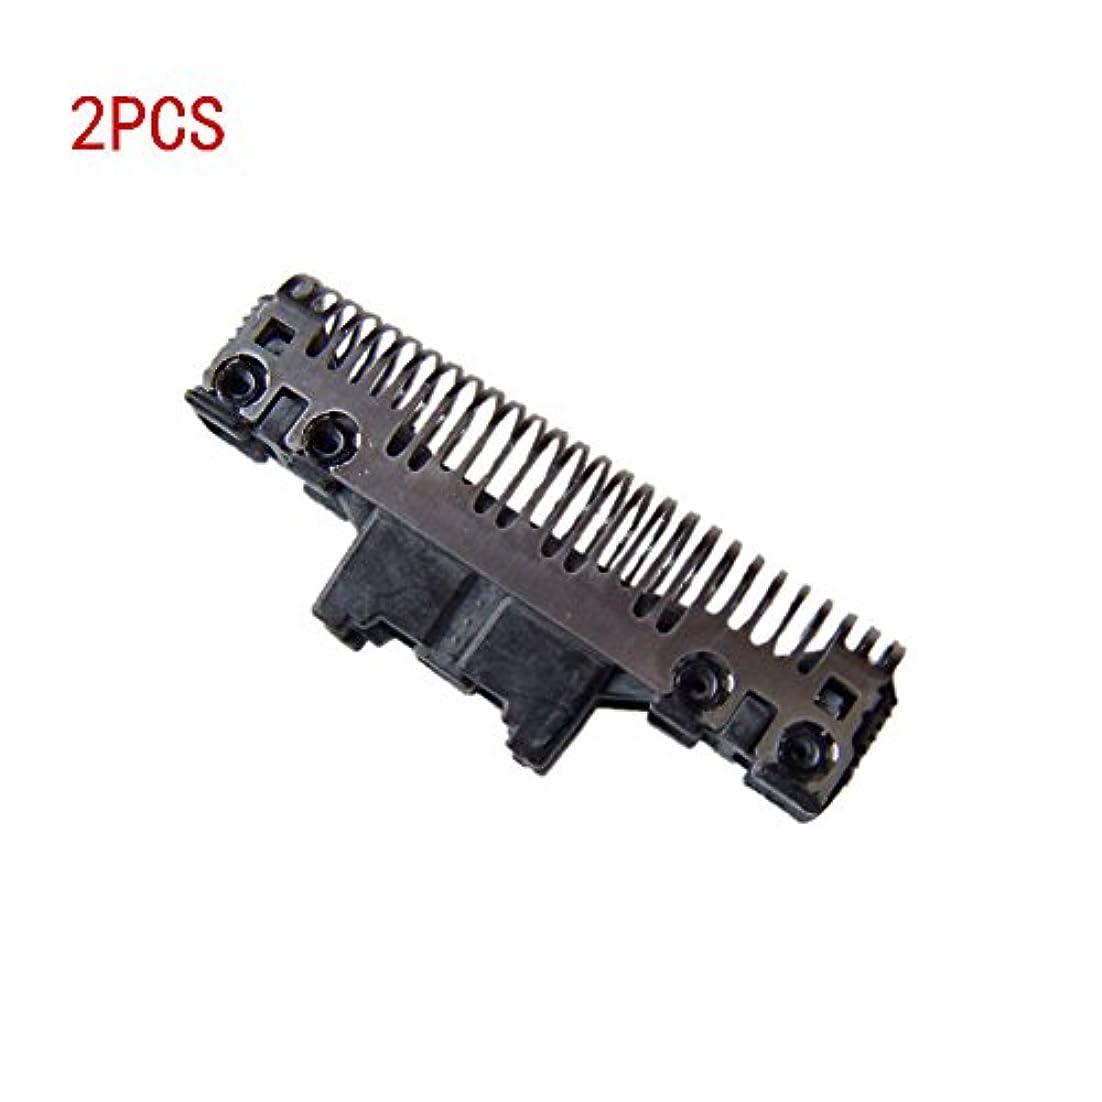 有望私たち今までHzjundasi シェーバーパーツ 部品 内刃 往復式シェーバー替刃 耐用 高質量 for Panasonic ES9072/7021/7022/7023/7026/7027/7006/7007